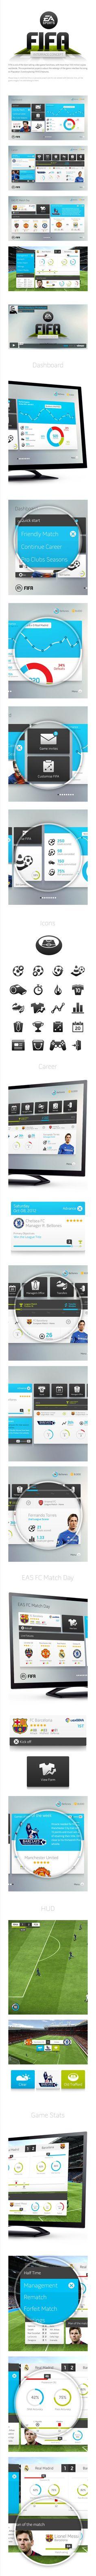 Fifa interface concept - Rodrigo Bellão